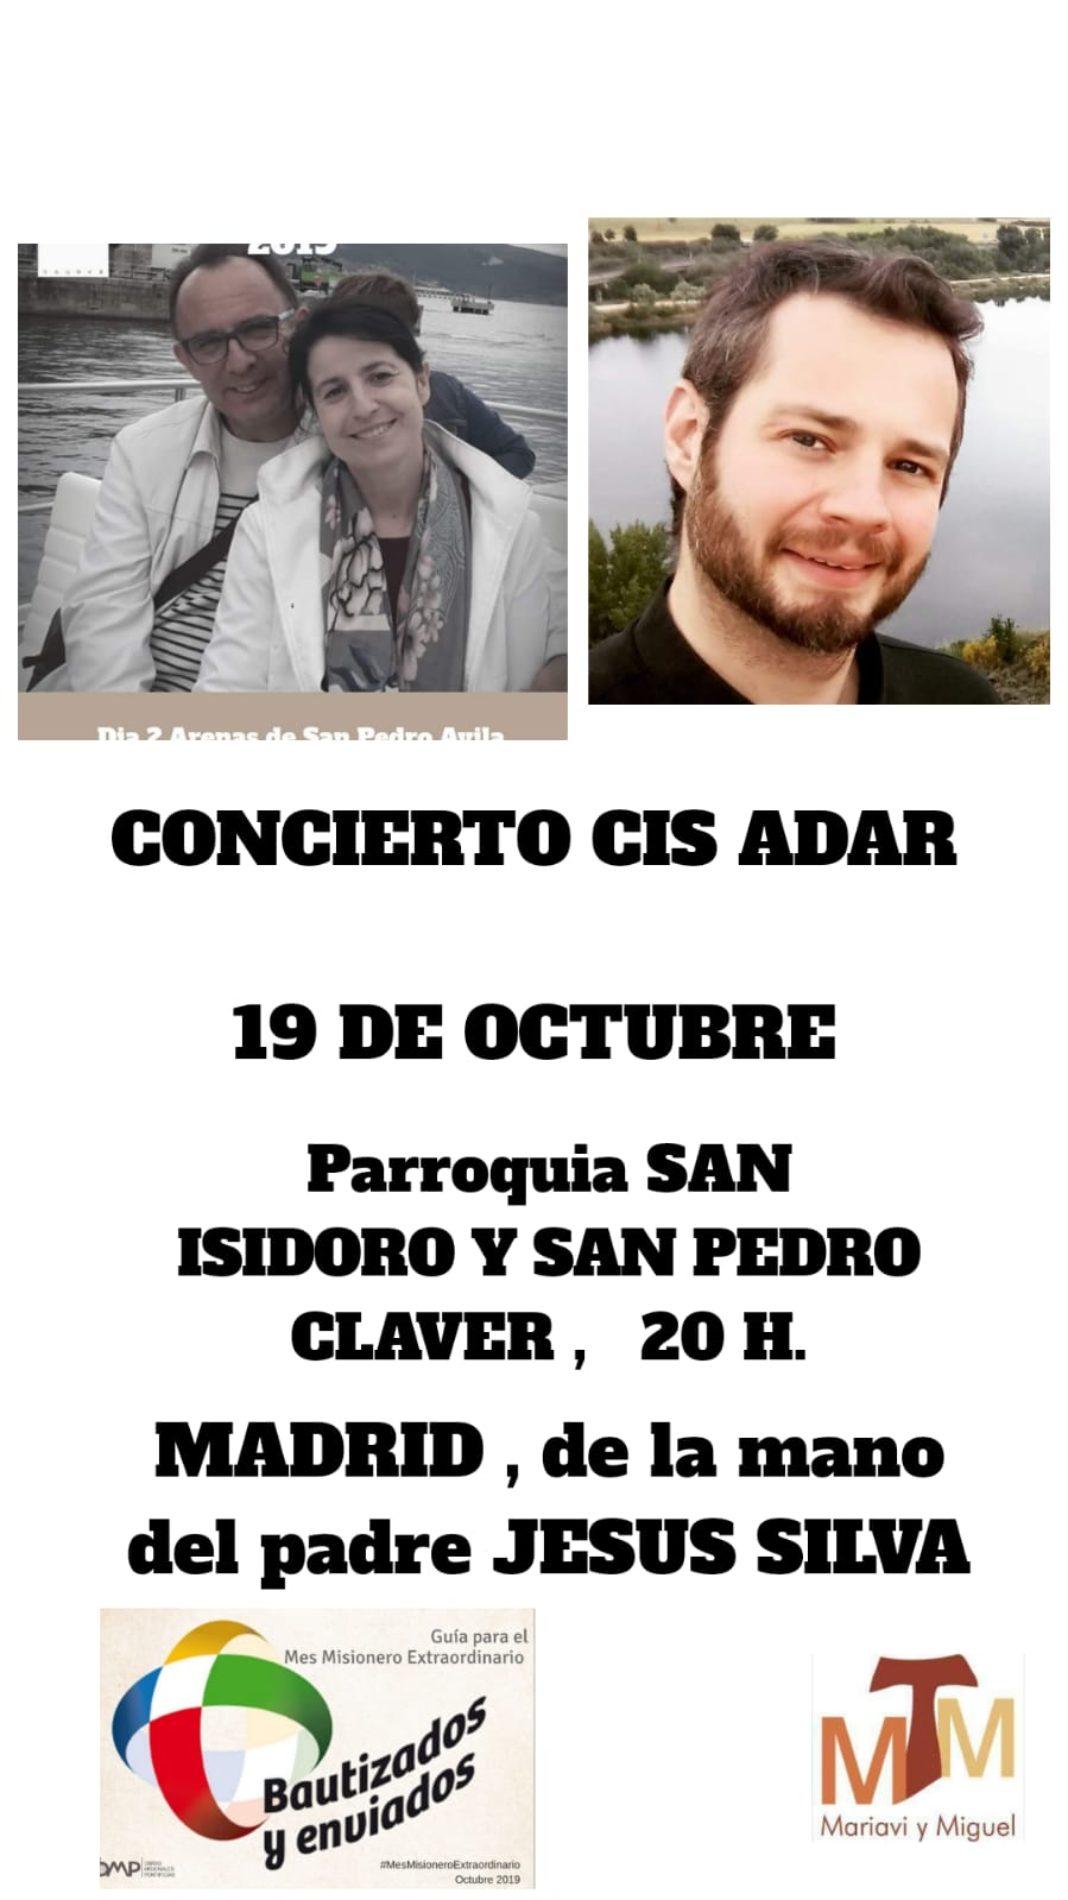 Concierto de Cis Adar en Madrid 1068x1900 - Concierto de Cis Adar en Madrid